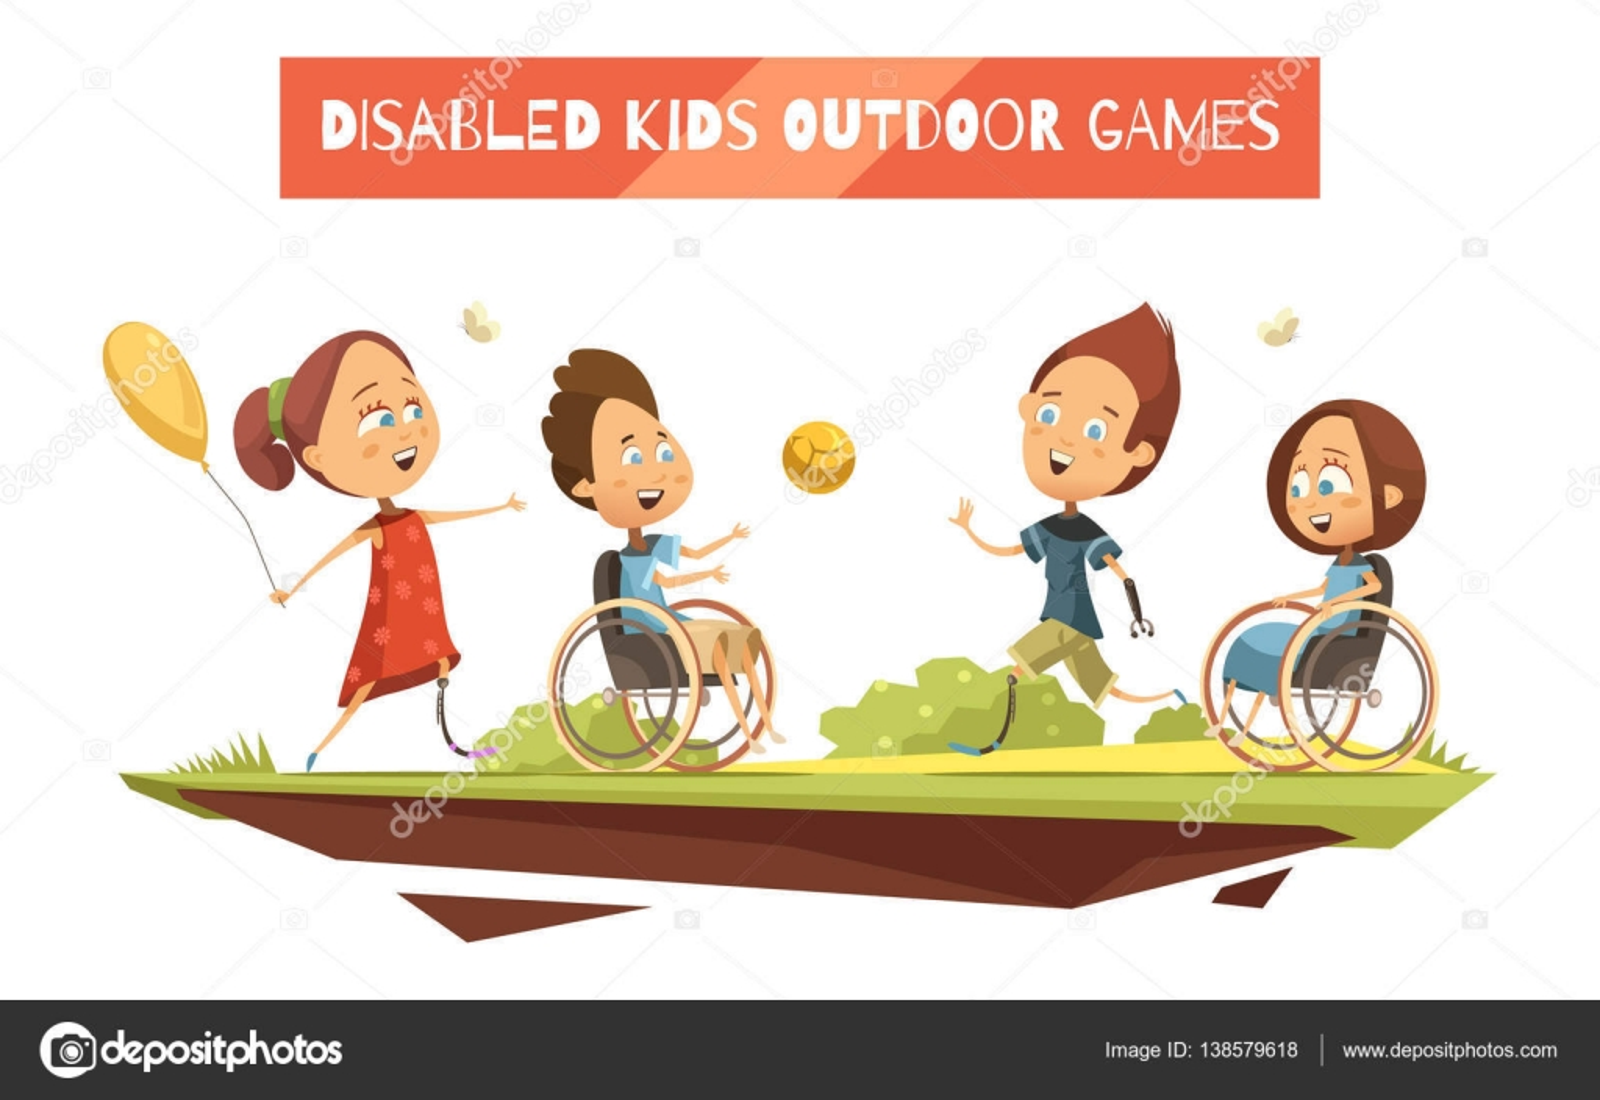 Spiele im Freien für behinderte Kinder-Illustration — Stockvektor ...